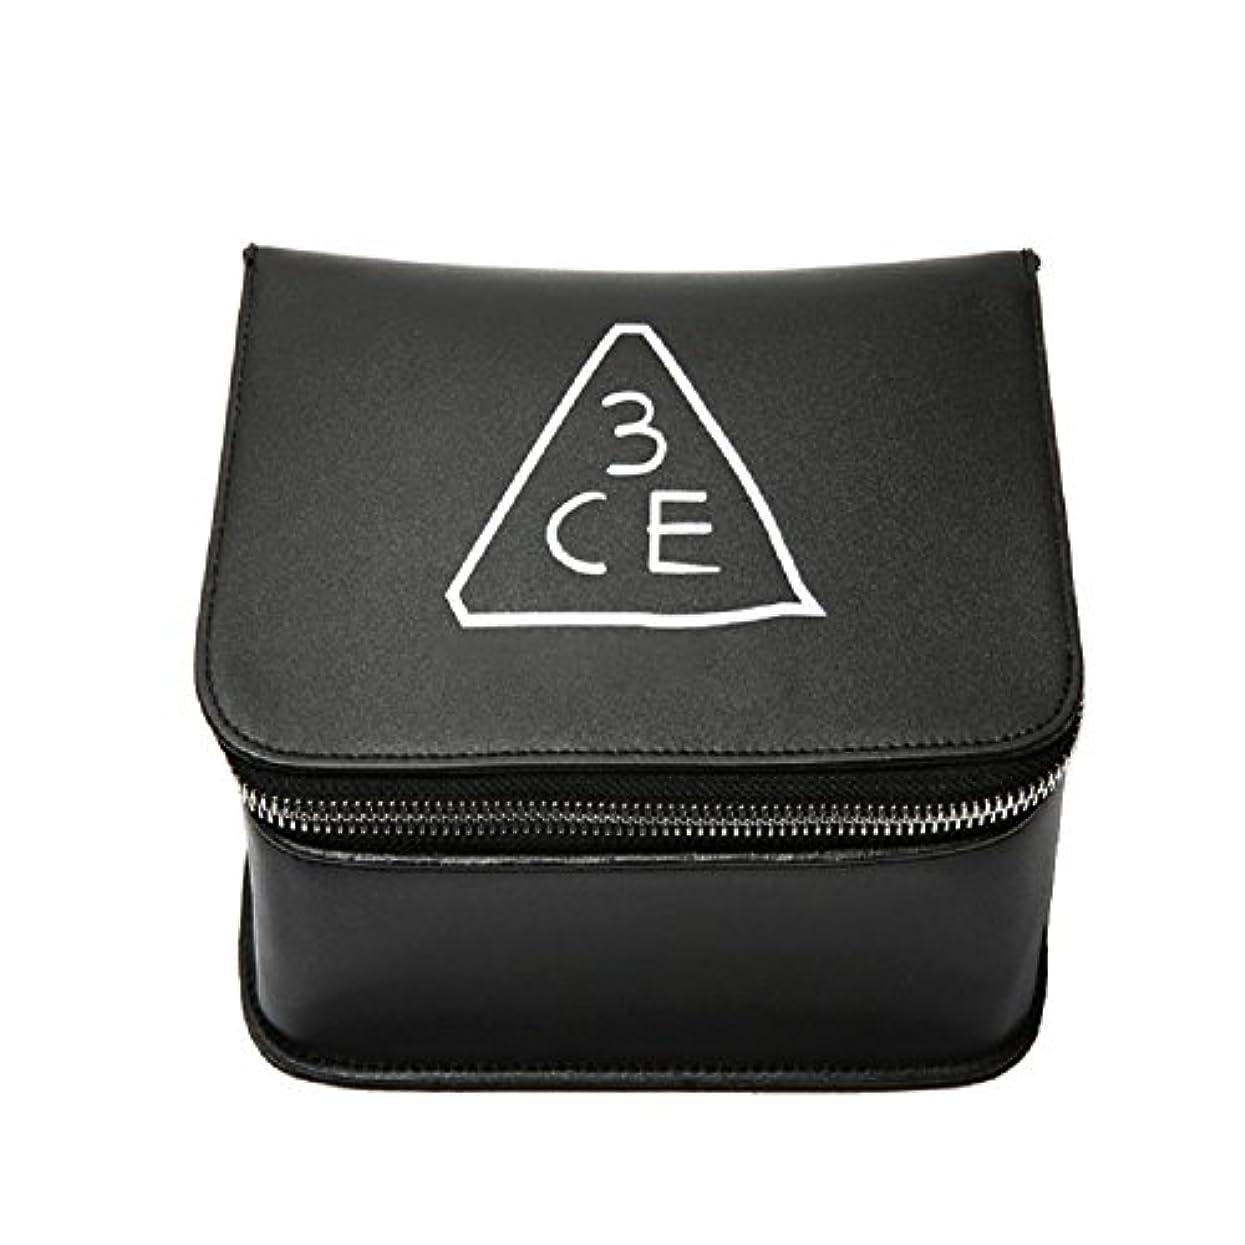 公平な別のバルーン3CE(3 CONCEPT EYES) COSMETIC BOX POUCH 化粧品 BOXポーチ stylenanda 婦人向け 旅行 ビッグサイズ[韓国並行輸入品]